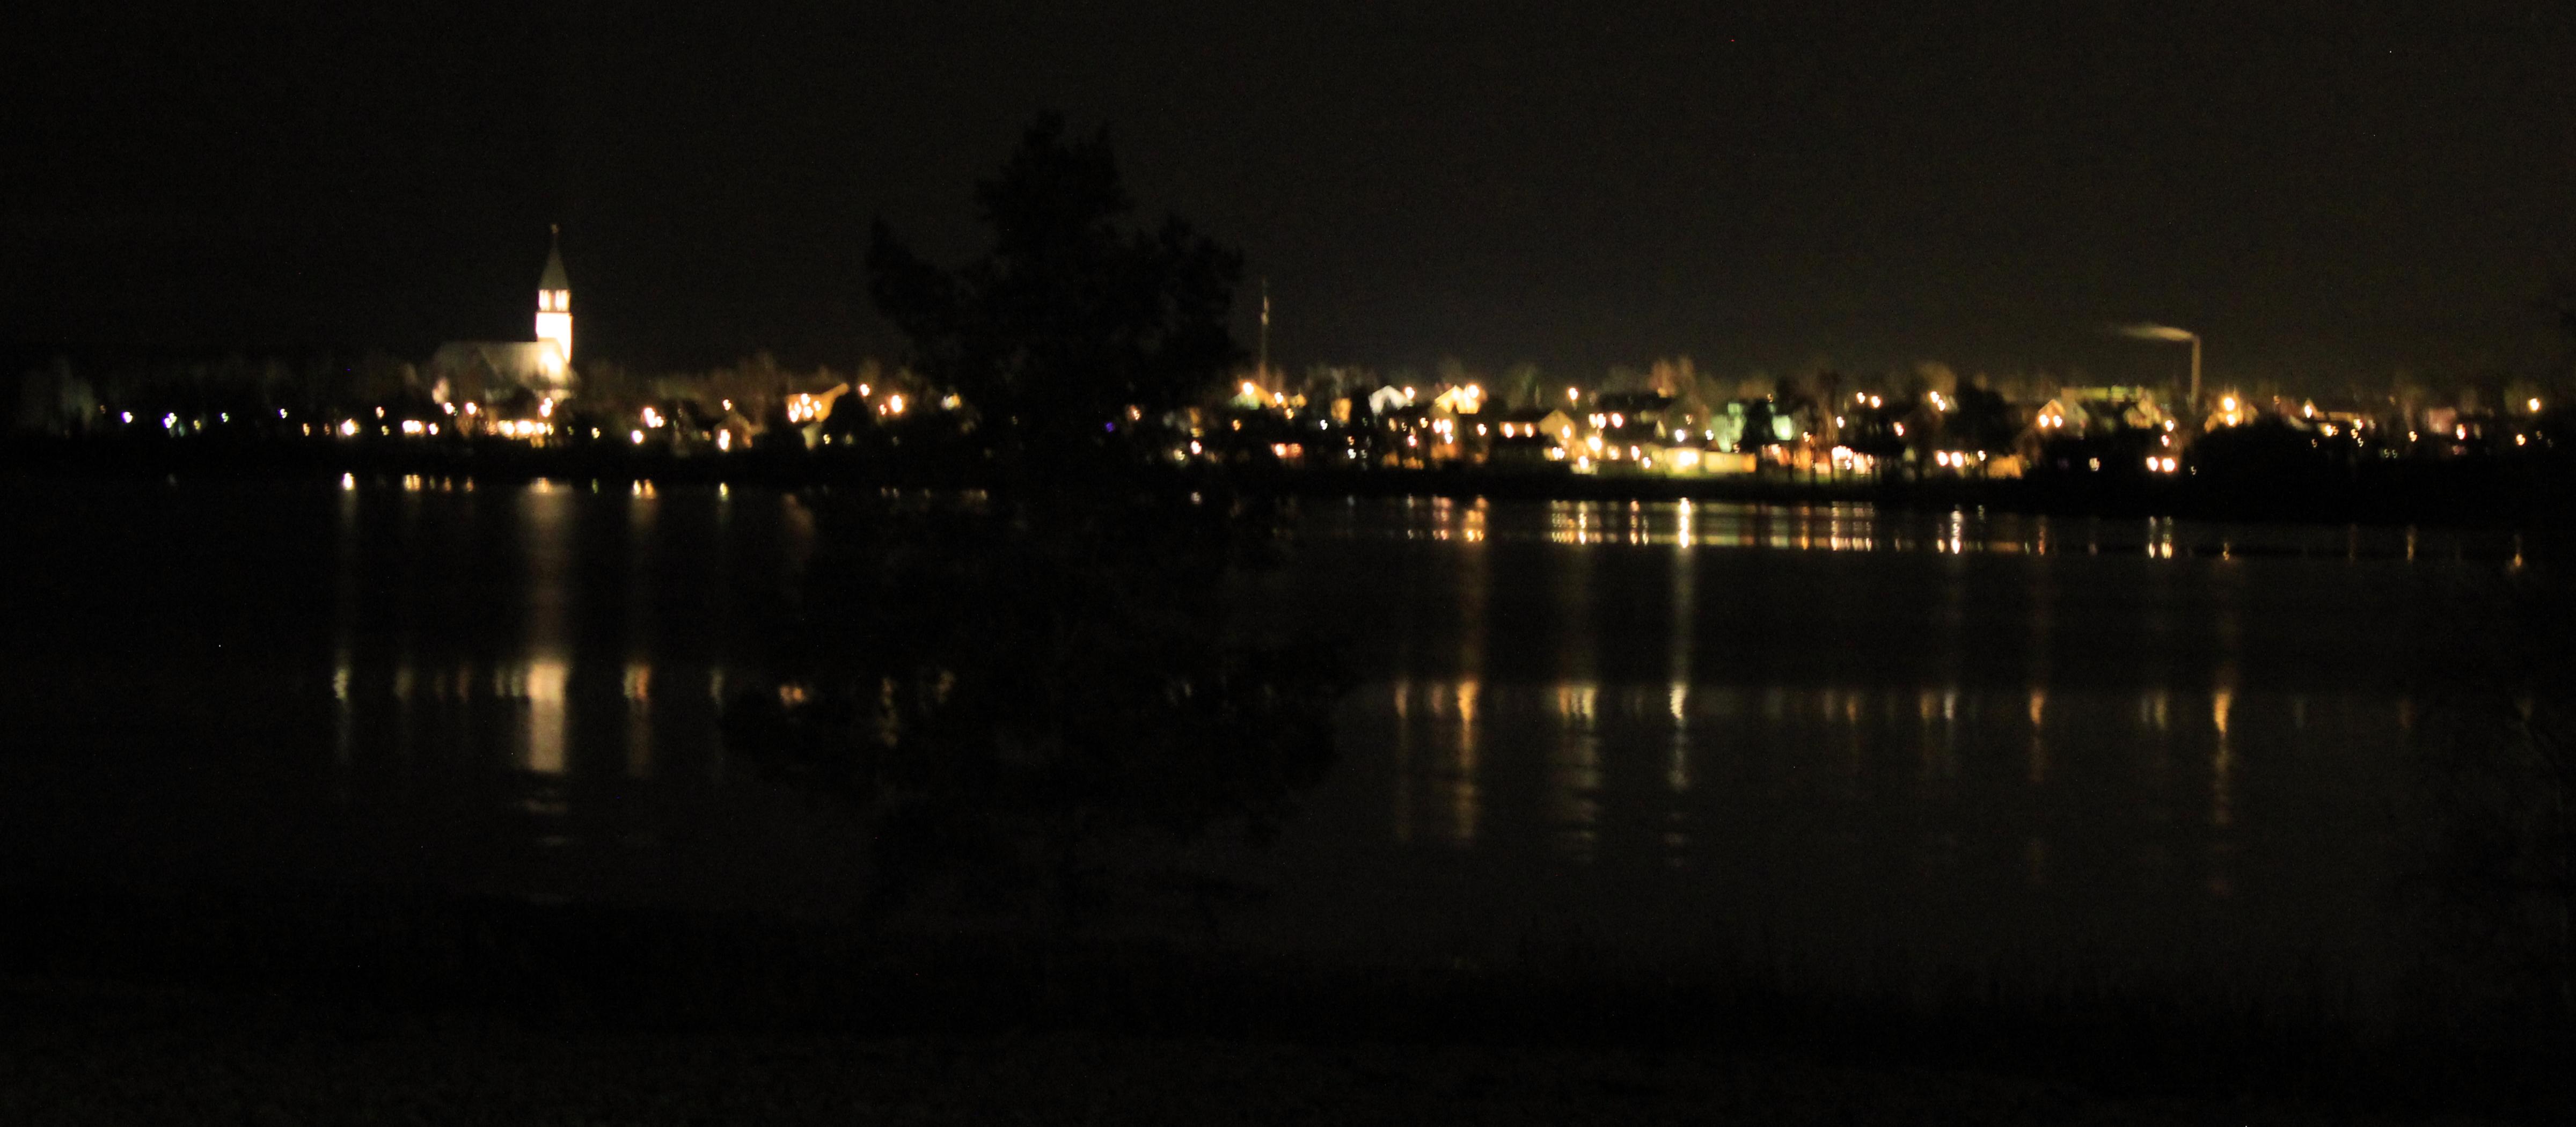 Burträsk från Skarviken klockan 02:30 2011-11-19